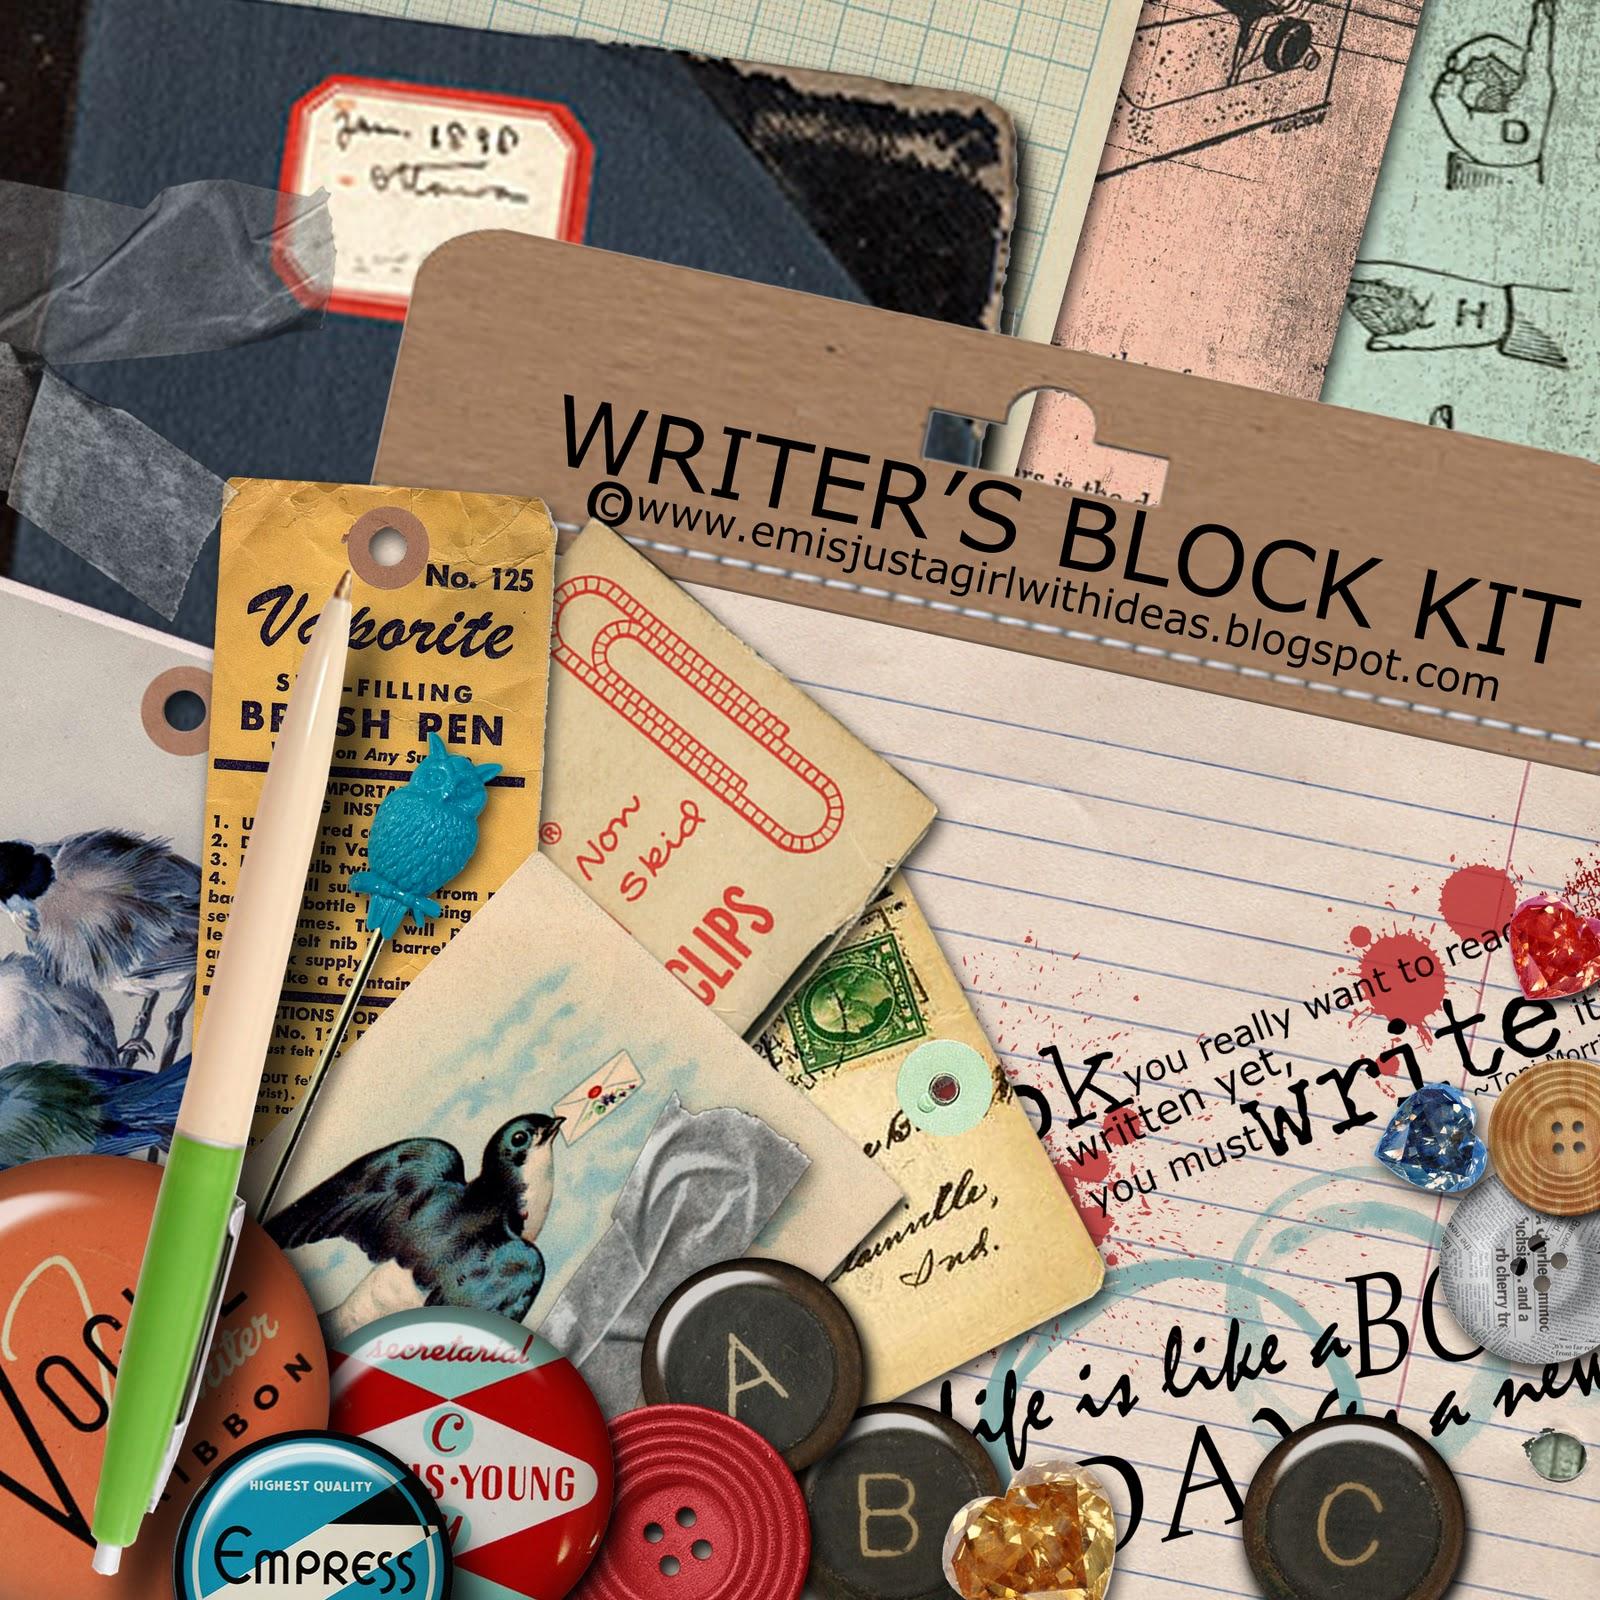 http://3.bp.blogspot.com/_mffVlJksbWA/TTSjSkg_qLI/AAAAAAAAA34/MOV3NbLQaHM/s1600/Writer%252527s%2BBlock%2BKit%2BPreview.jpg